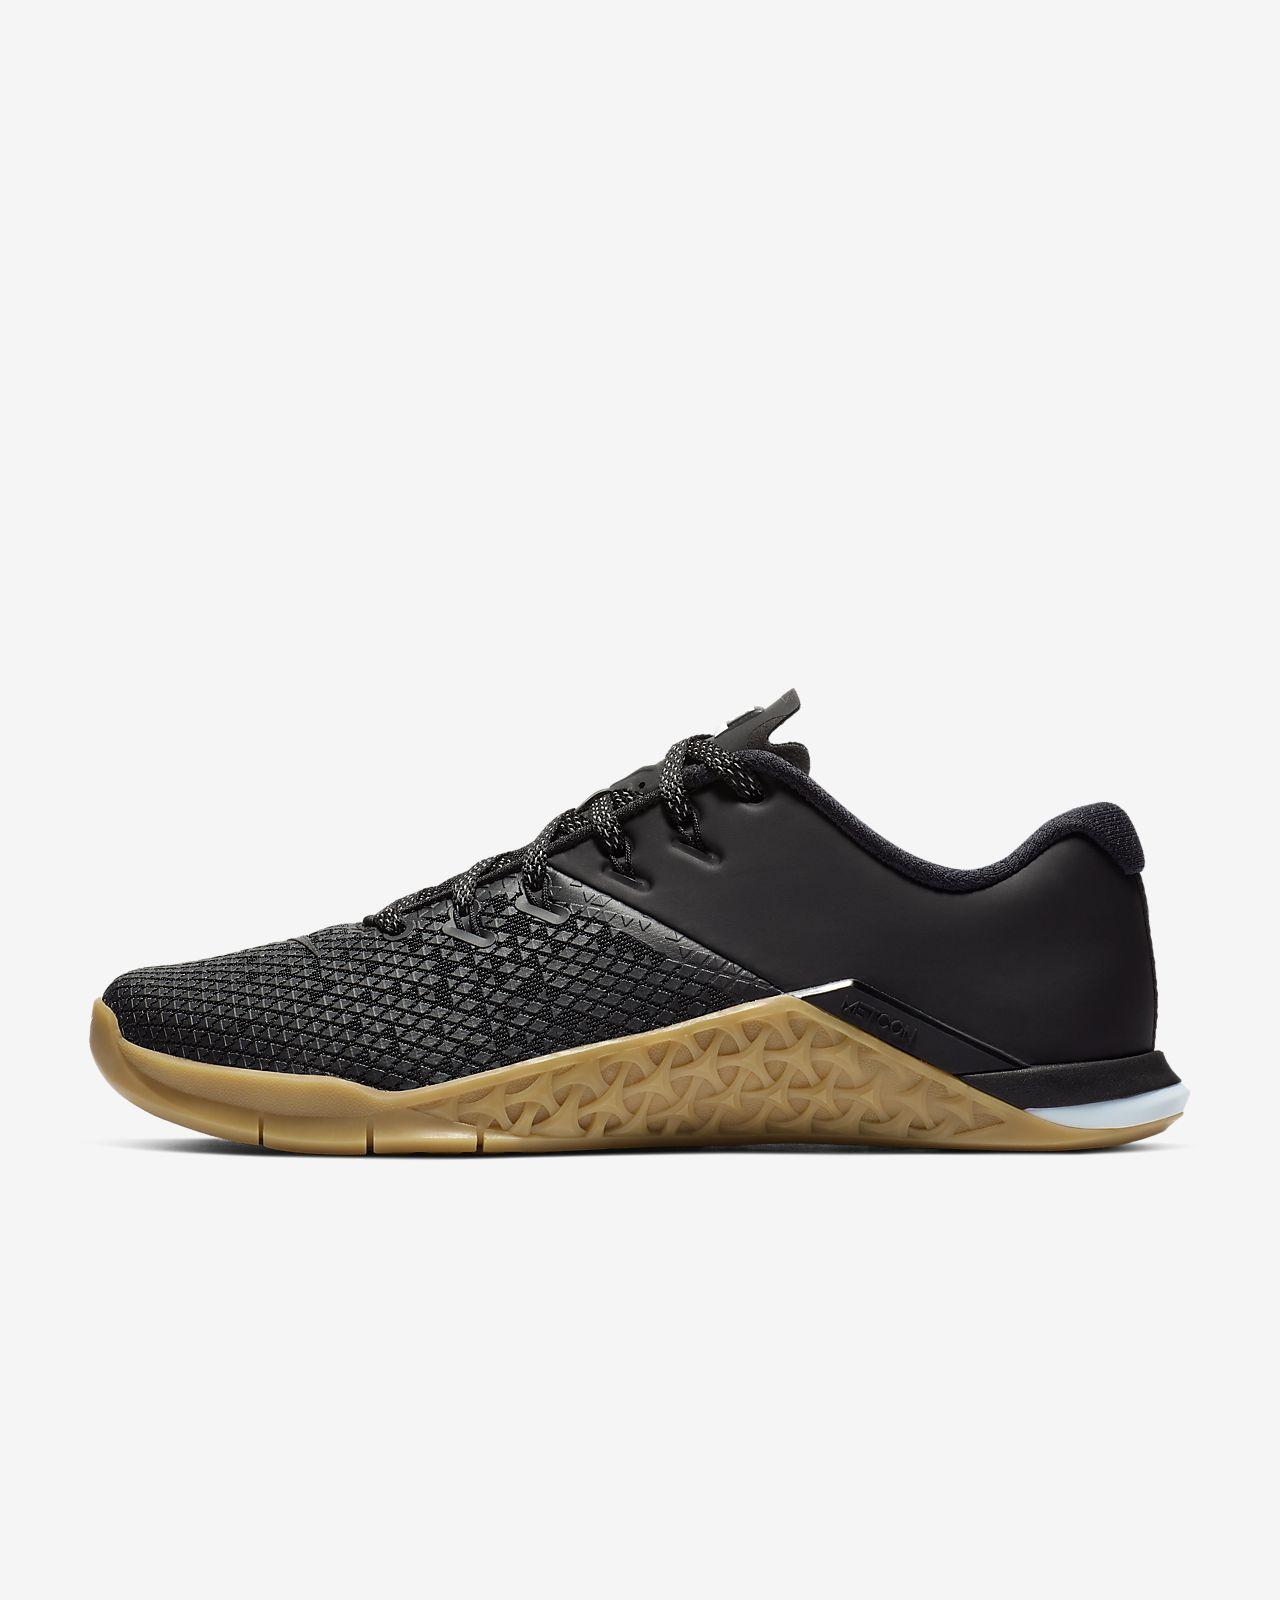 3dab45fd3cd0f ... Nike Metcon 4 XD X Chalkboard Zapatillas de cross training y  levantamiento de pesas - Mujer